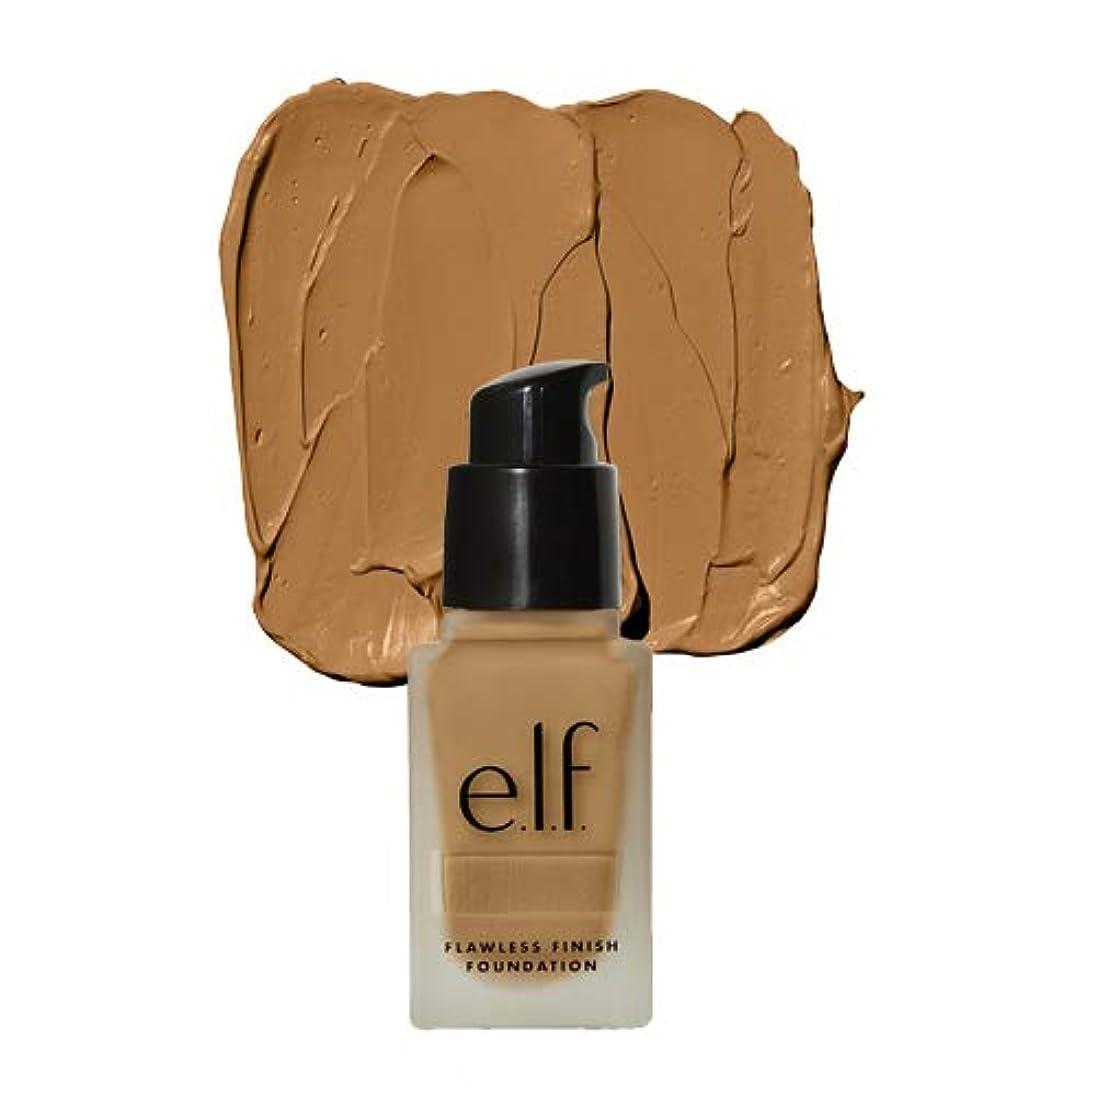 タップ苦行科学者(3 Pack) e.l.f. Oil Free Flawless Finish Foundation - Linen (並行輸入品)